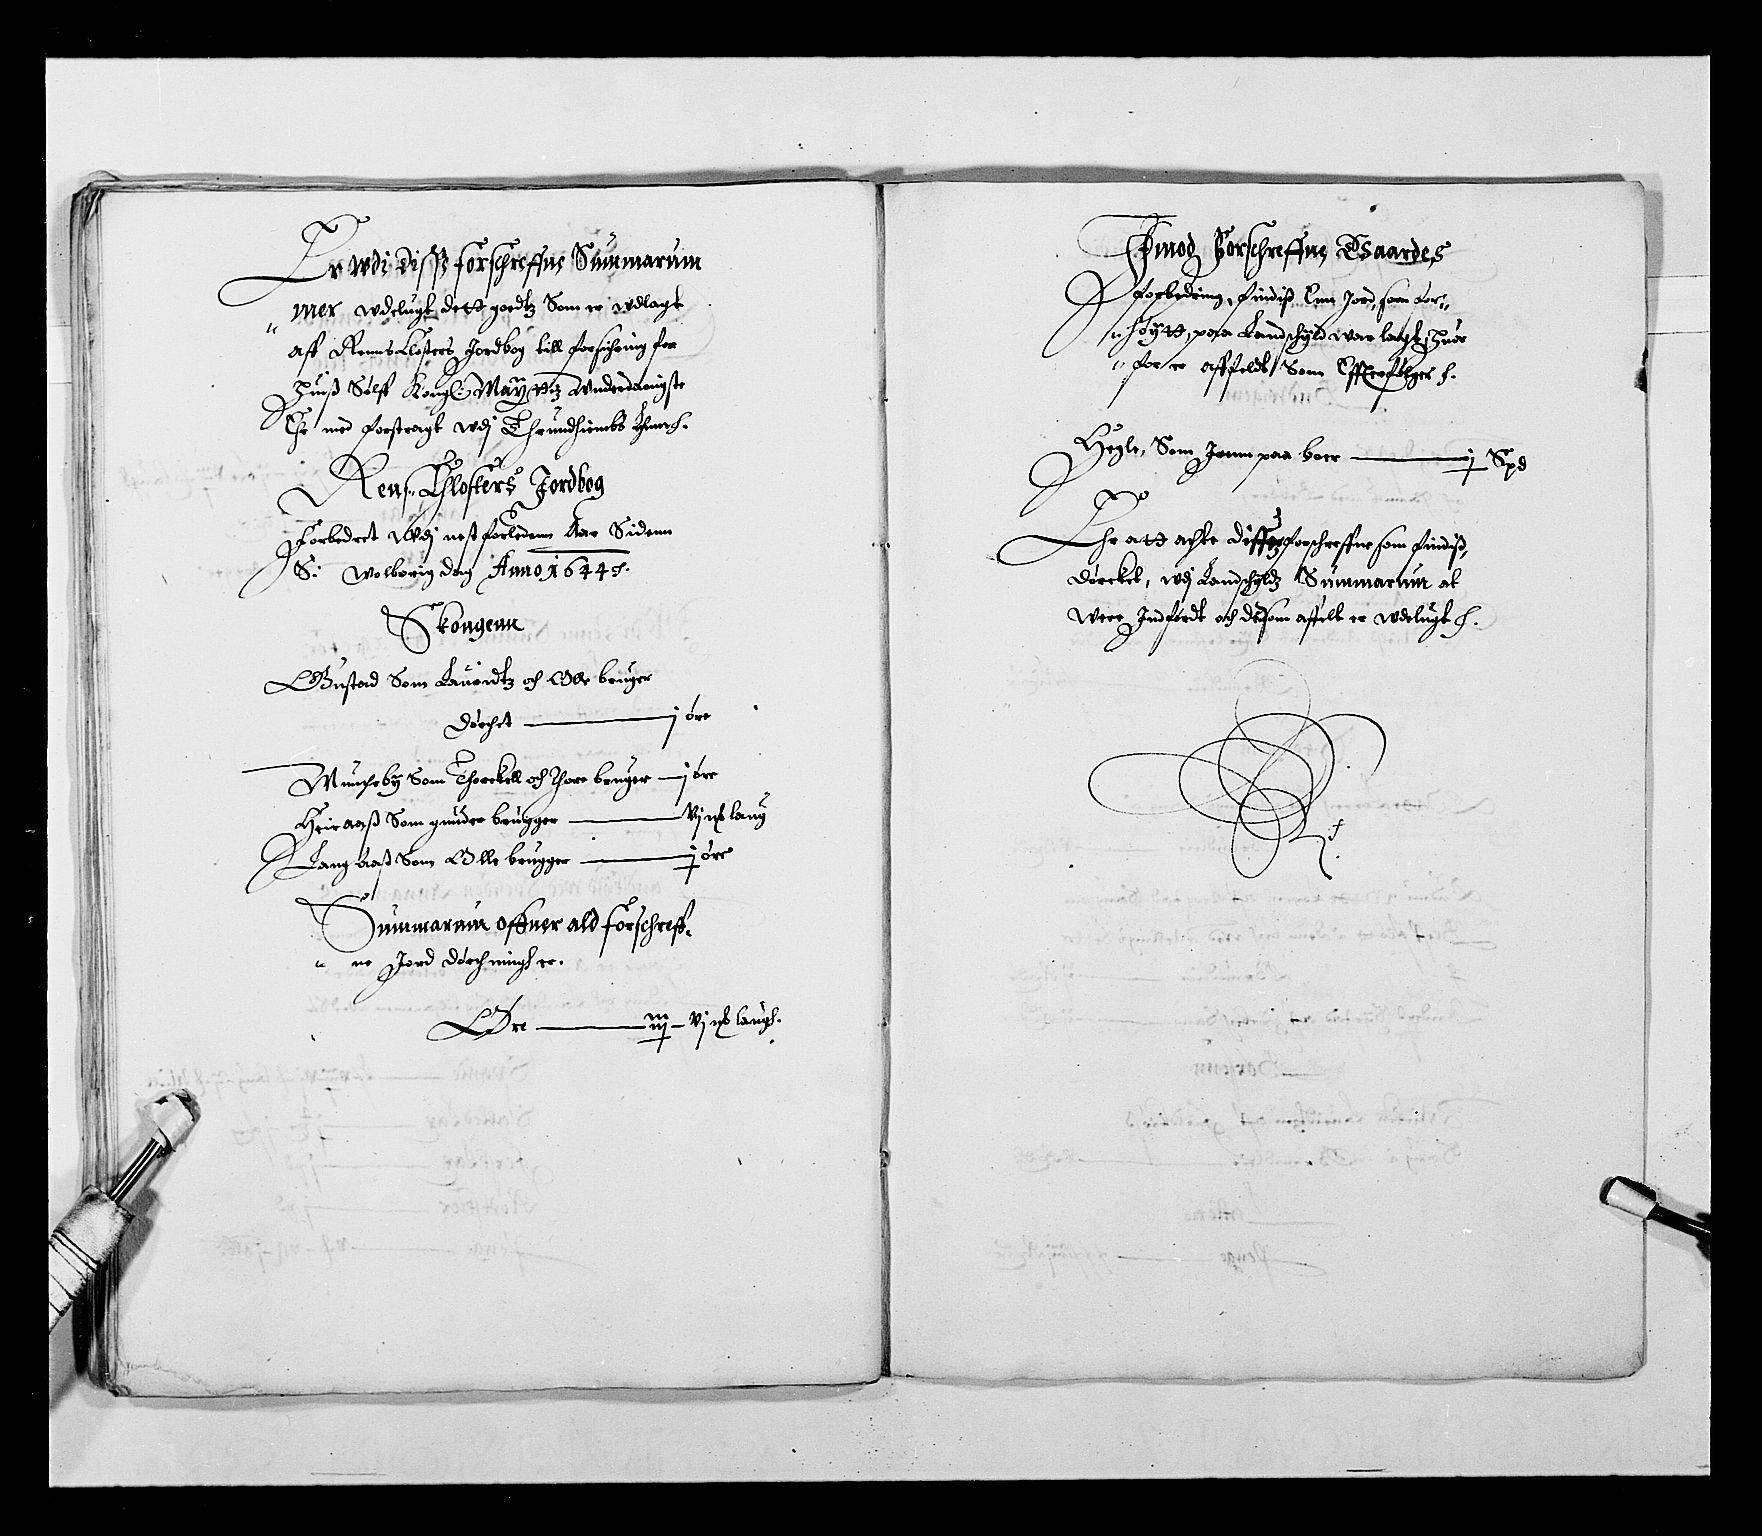 RA, Stattholderembetet 1572-1771, Ek/L0027: Jordebøker 1633-1658:, 1644-1645, s. 31